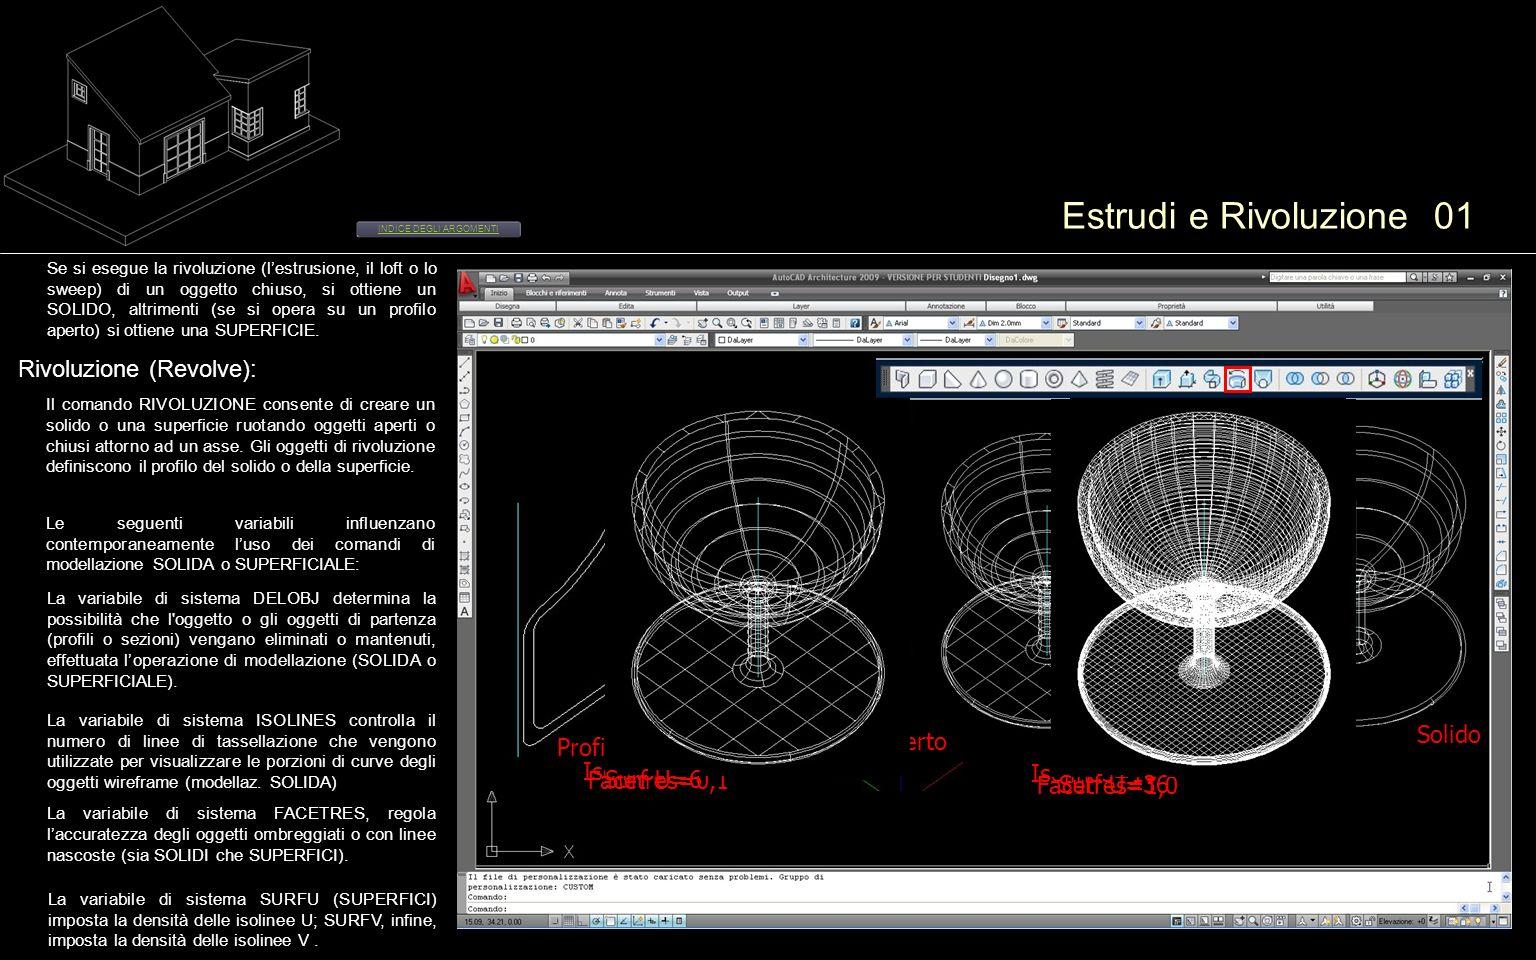 Estrudi e Rivoluzione 02 INDICE DEGLI ARGOMENTI Estrudi (Extrude): È possibile creare solidi e superfici a partire da linee e curve esistenti estrudendo gli oggetti selezionati.